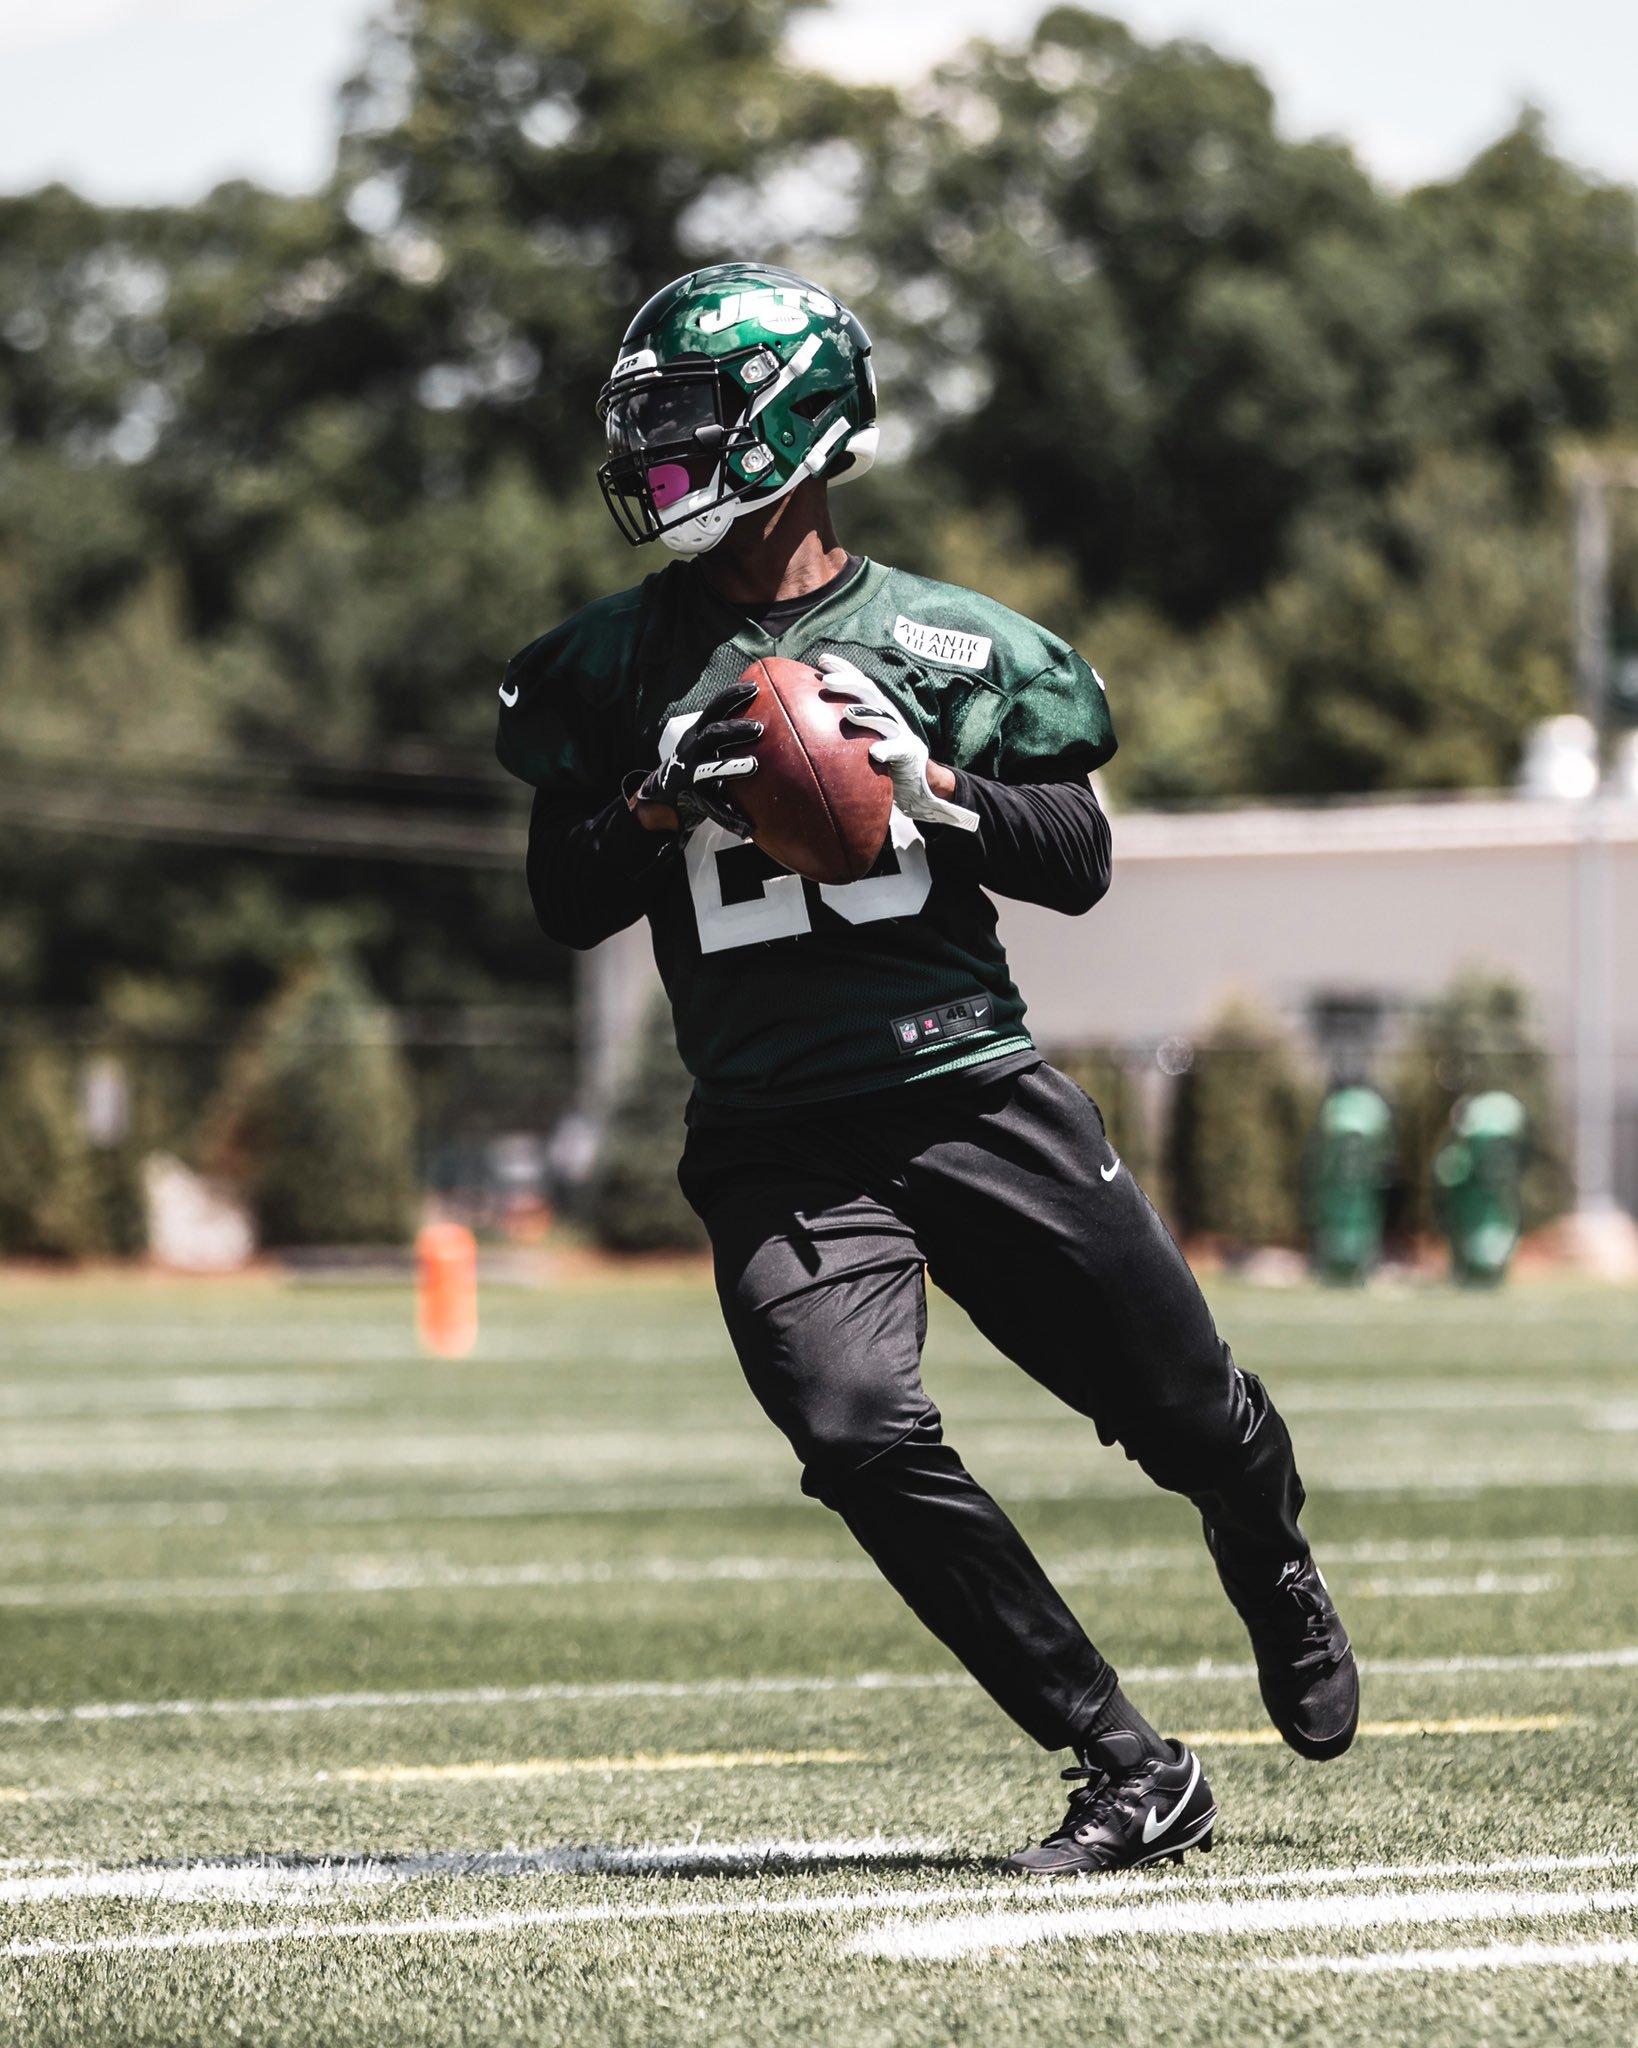 7.17 NFL